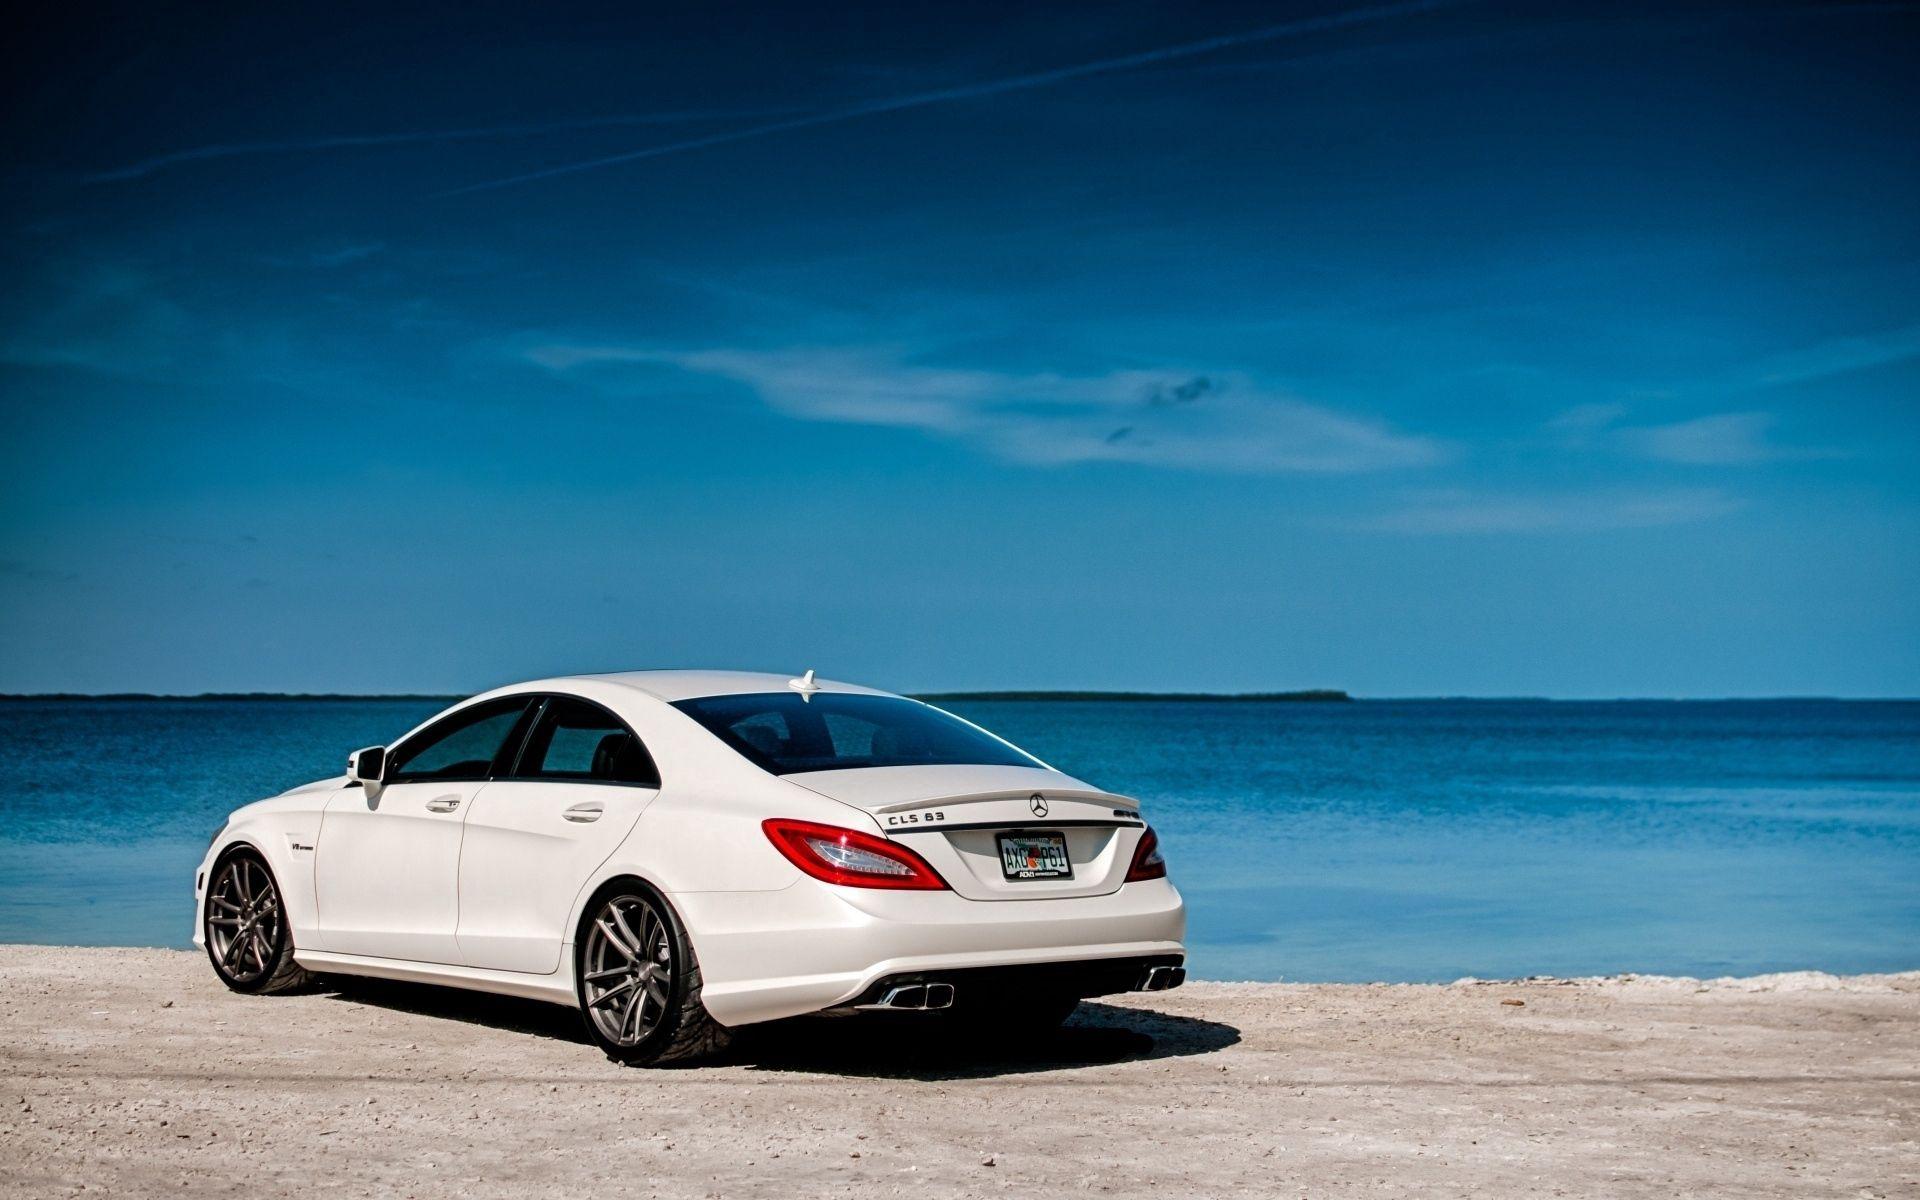 144337 скачать обои Мерседес (Mercedes), Вид Сзади, Тачки (Cars), Белый, Amg, Mercedes-Benz, Cls63 - заставки и картинки бесплатно